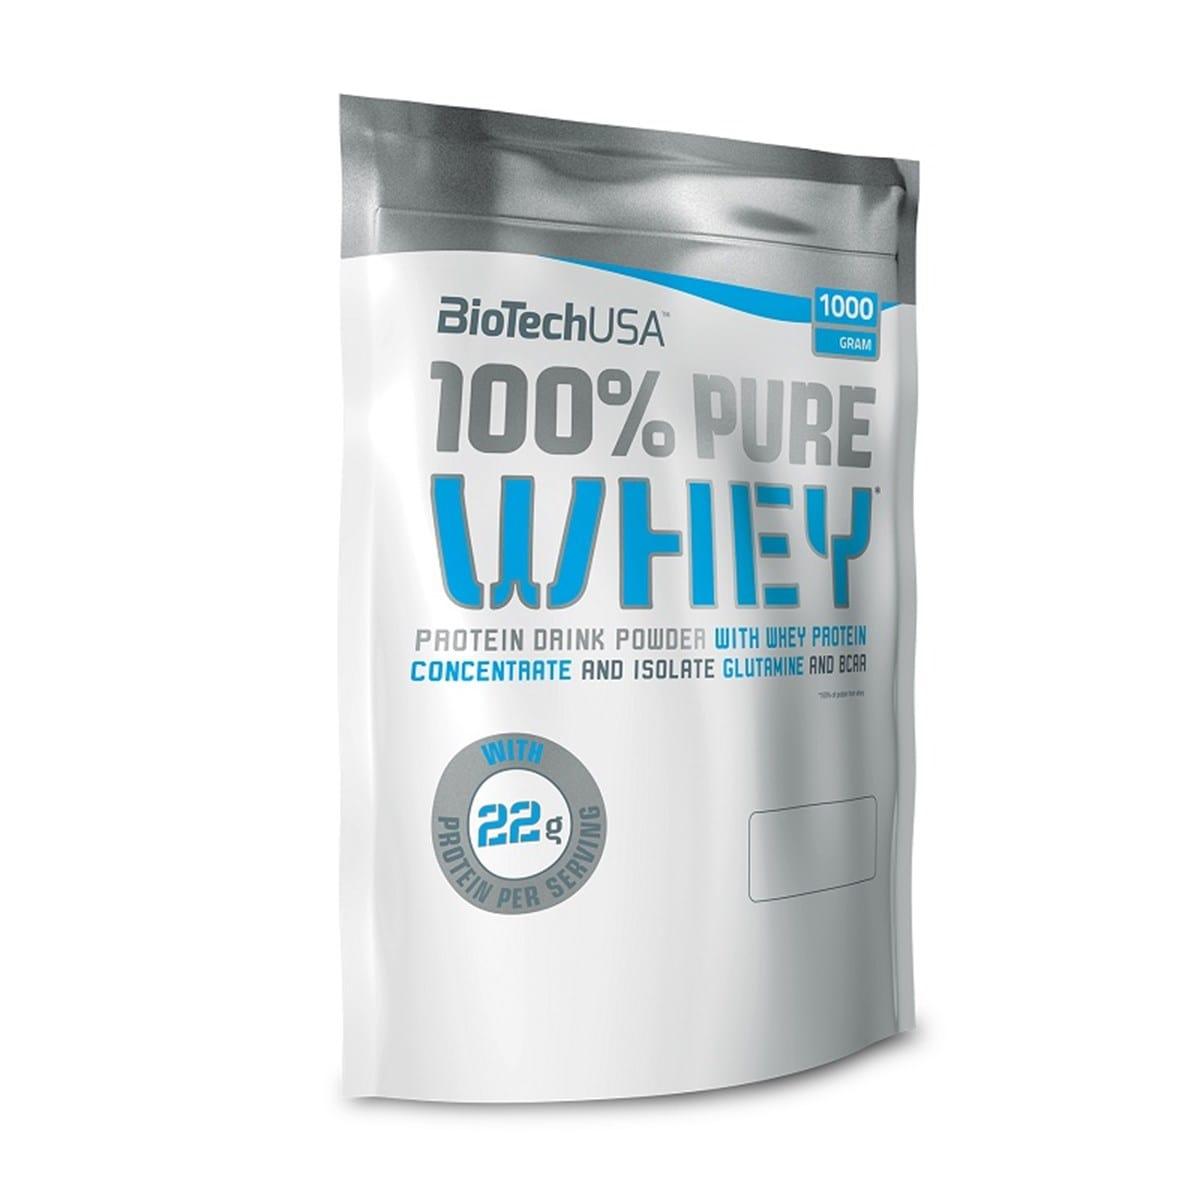 100% Pure Whey, Chocolate Peanut Butter - 1000g versandkostenfrei/portofrei bestellen/kaufen